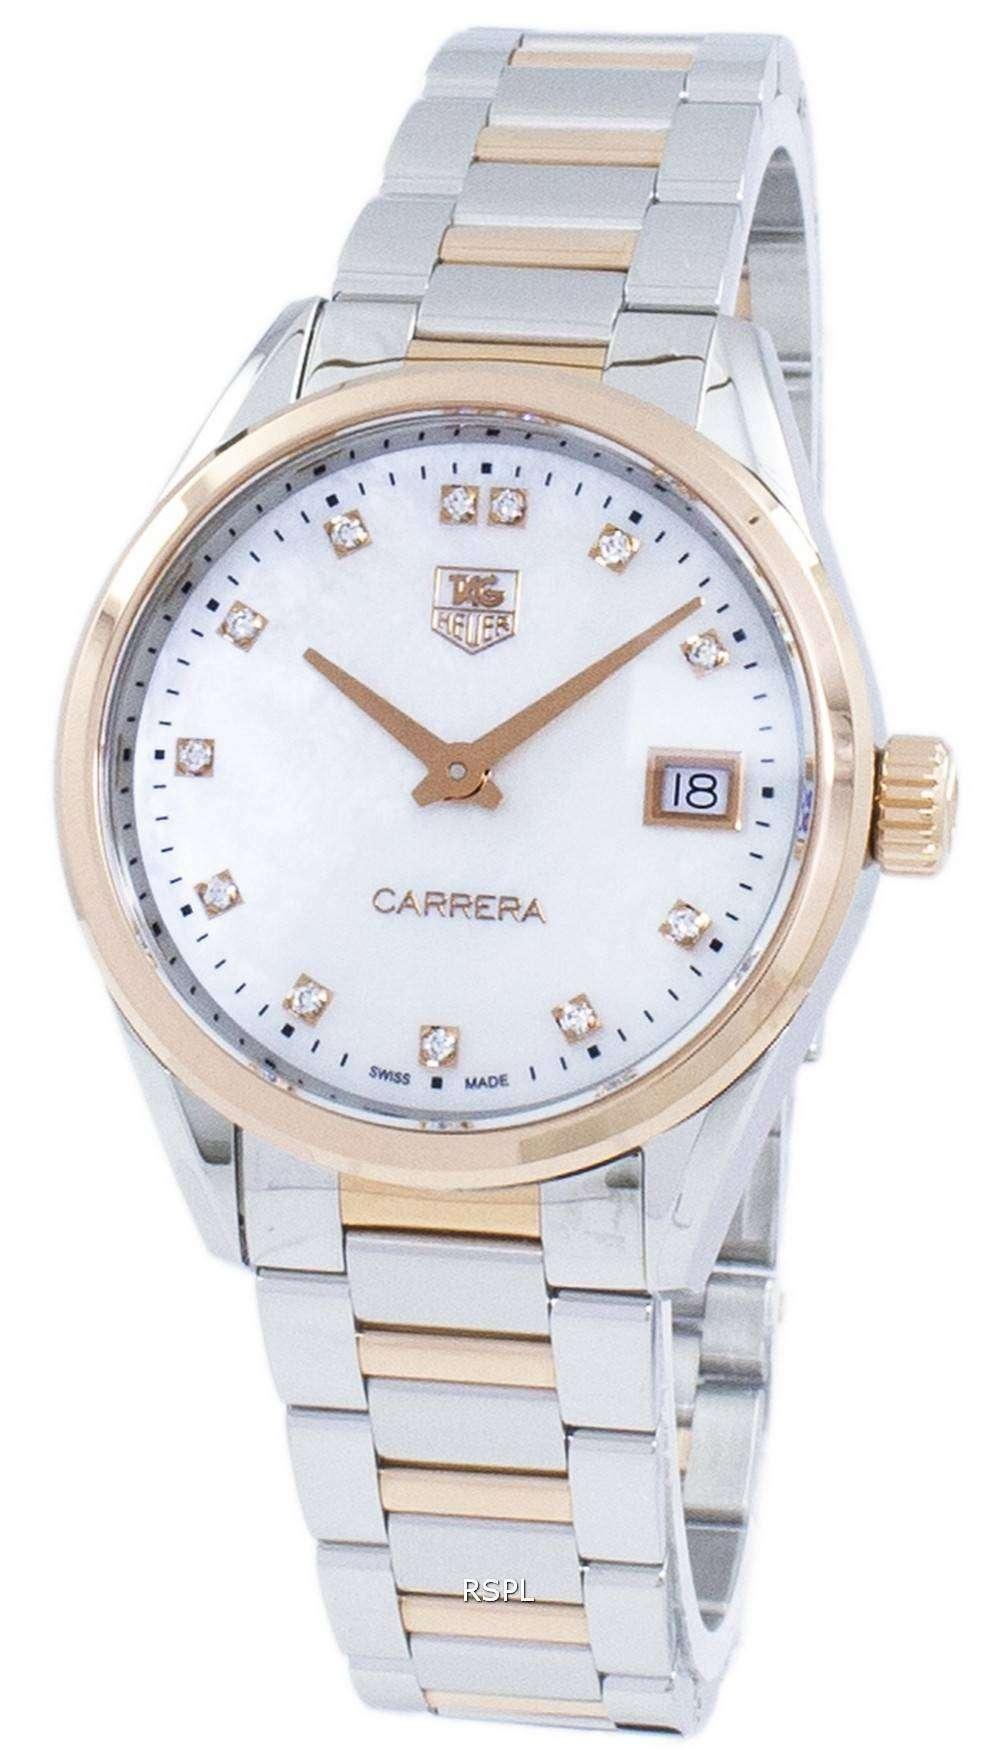 タグ ・ ホイヤー カレラ水晶ダイヤモンド アクセント WAR1352。BD0779 レディース腕時計